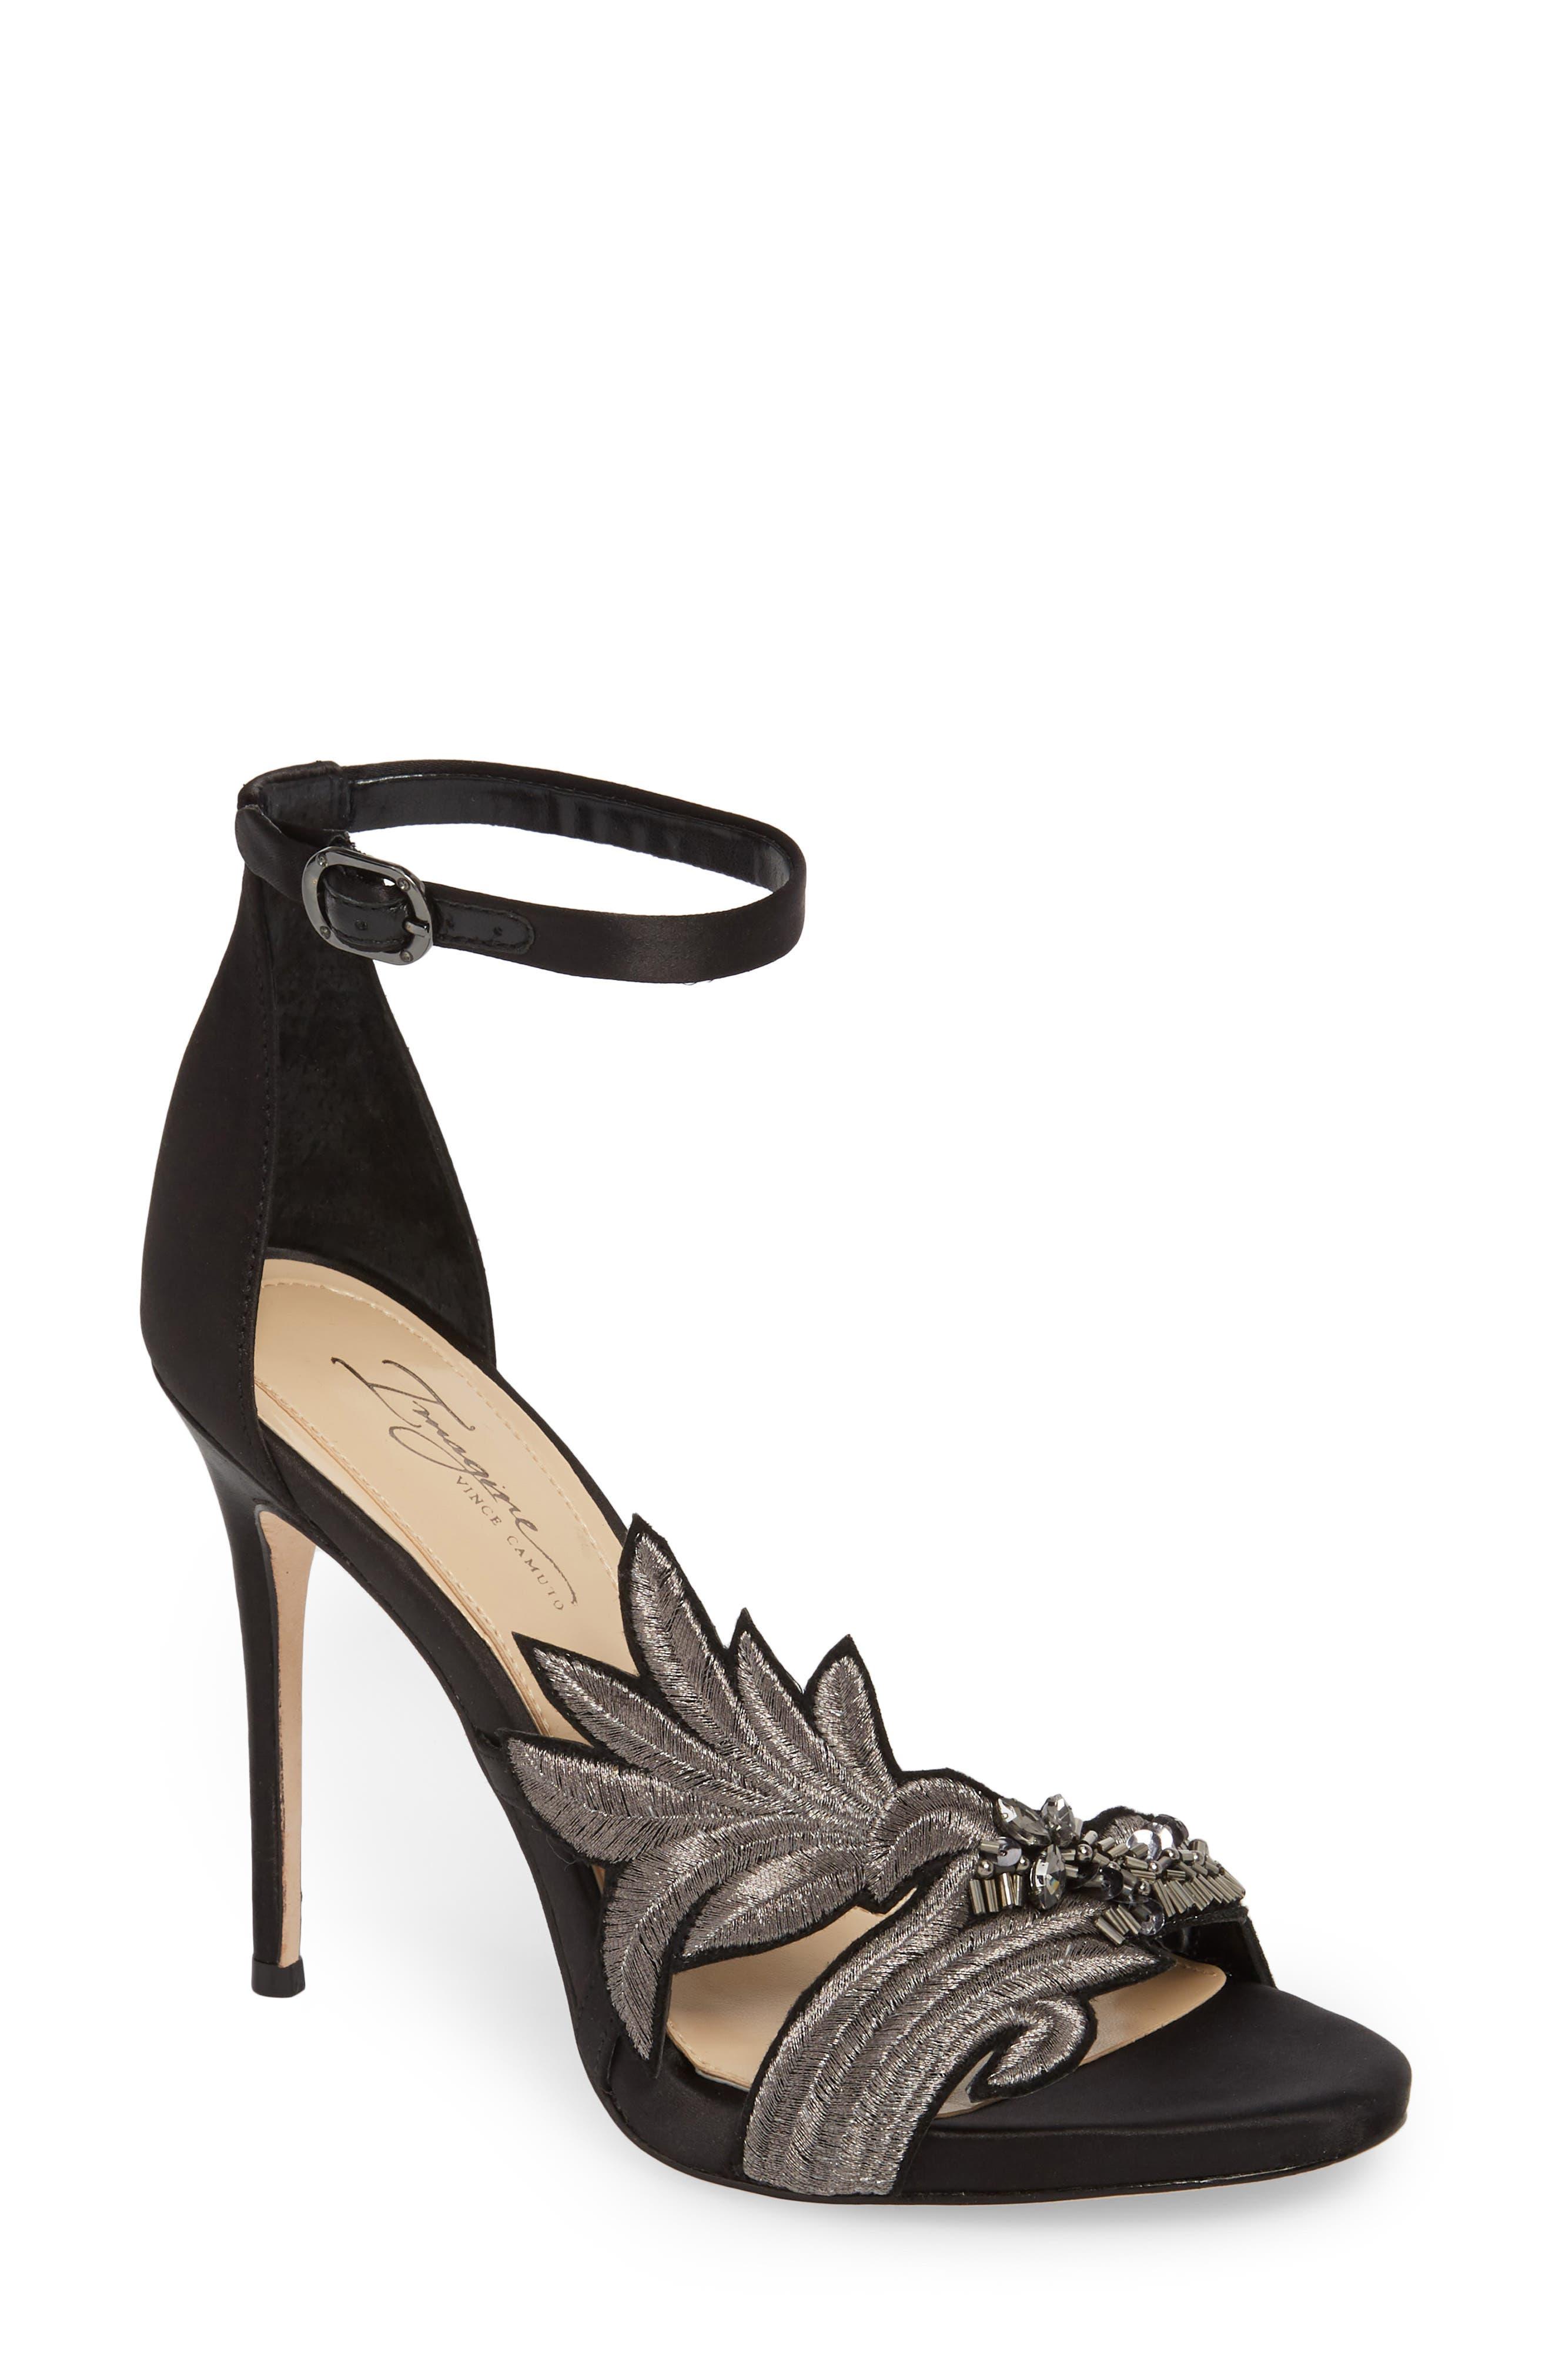 Imagine By Vince Camuto Dayanara Embellished Sandal